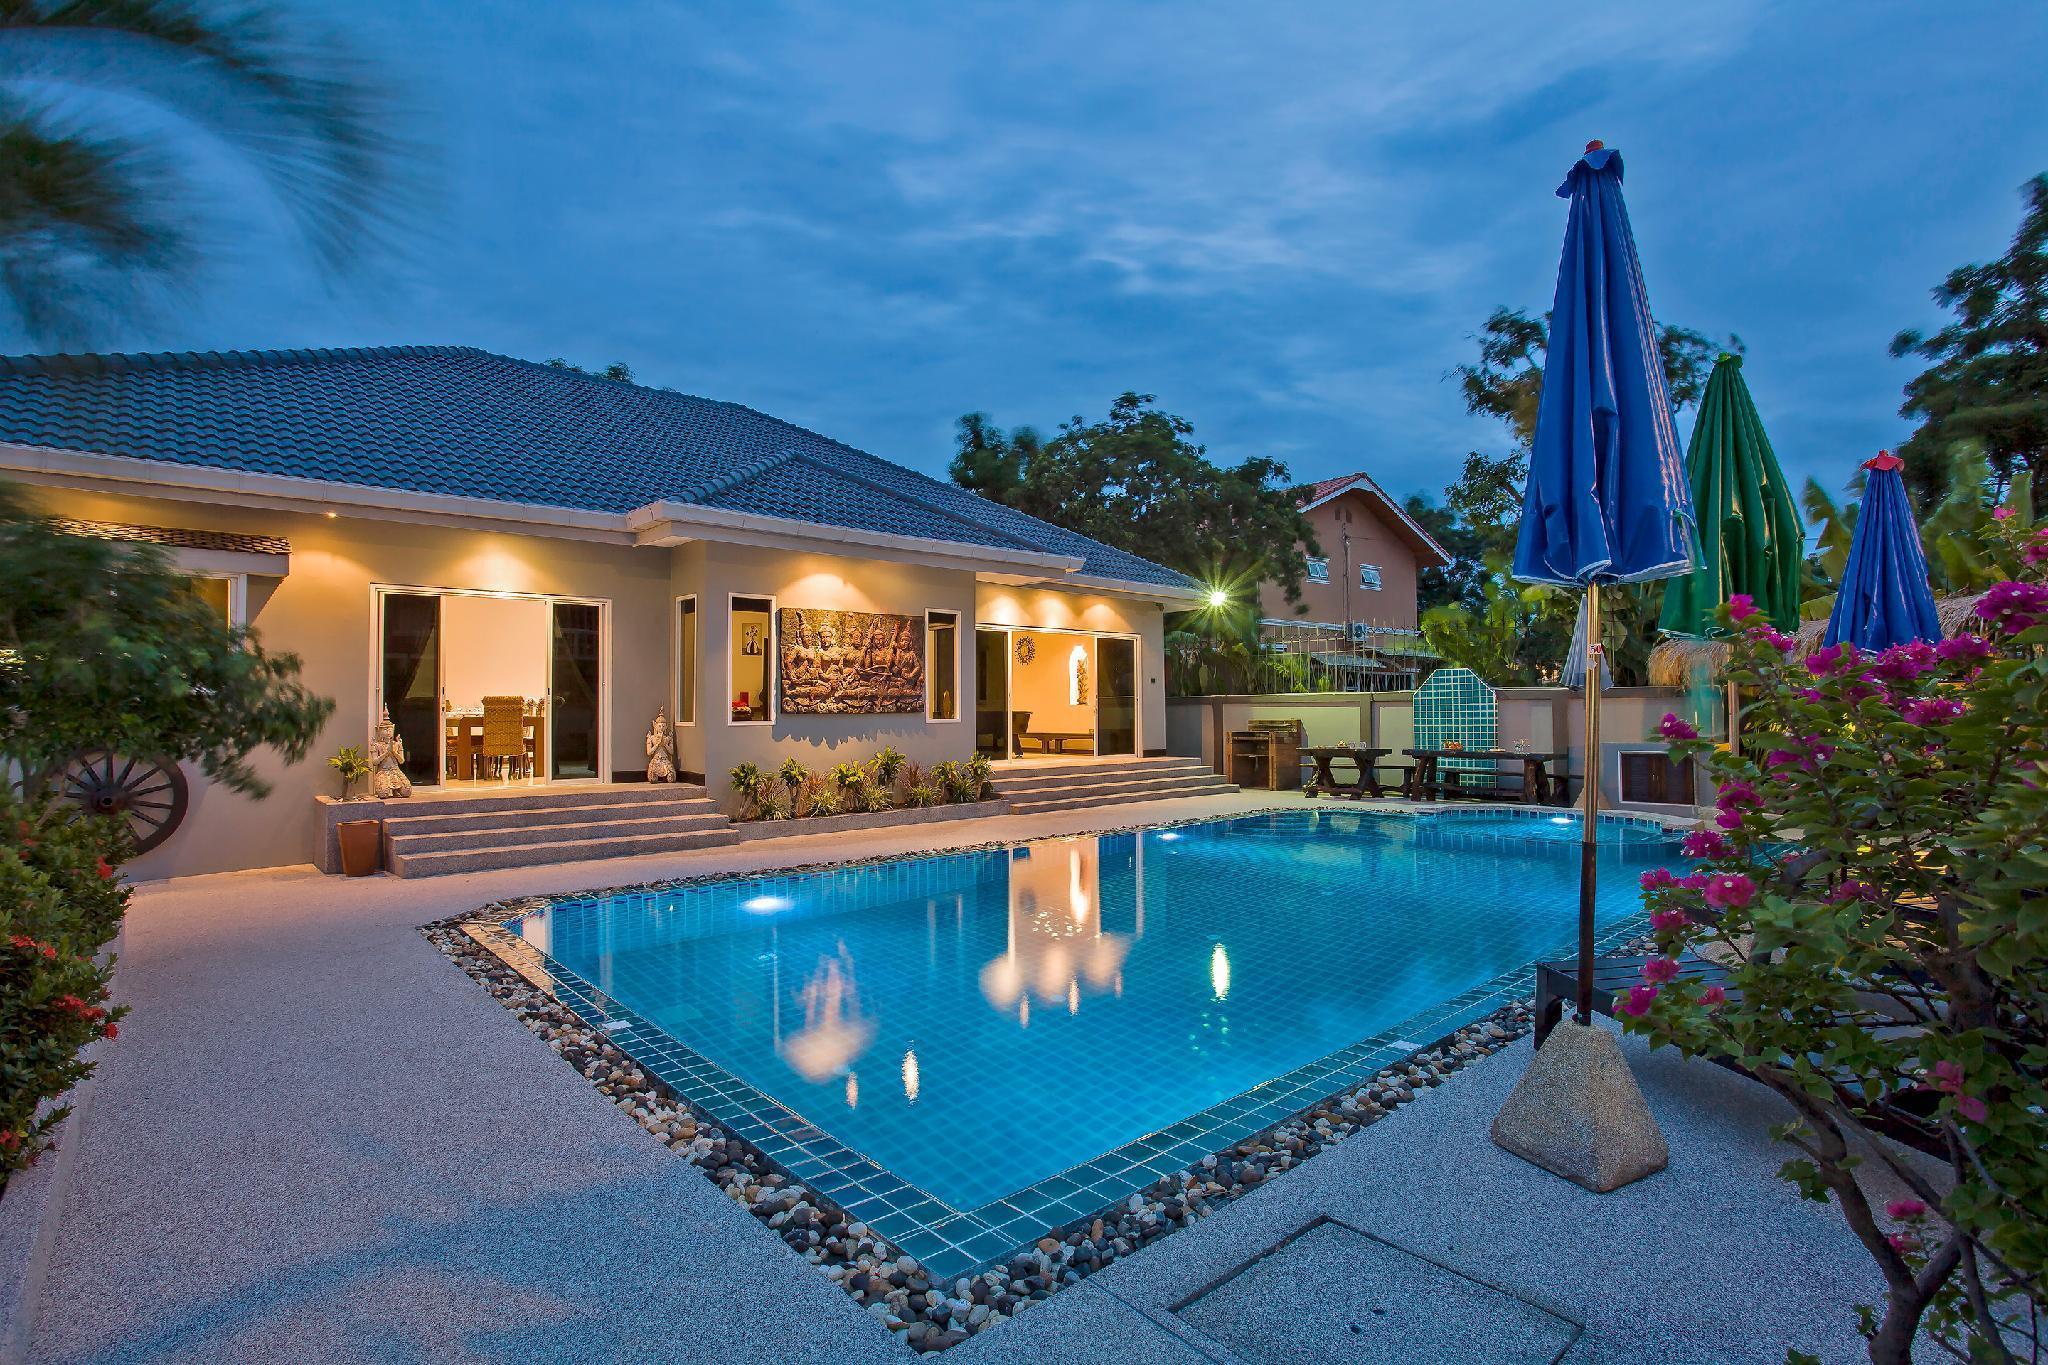 Baan Kinaree, 5 Bed Pool Villa in South Pattaya Baan Kinaree, 5 Bed Pool Villa in South Pattaya